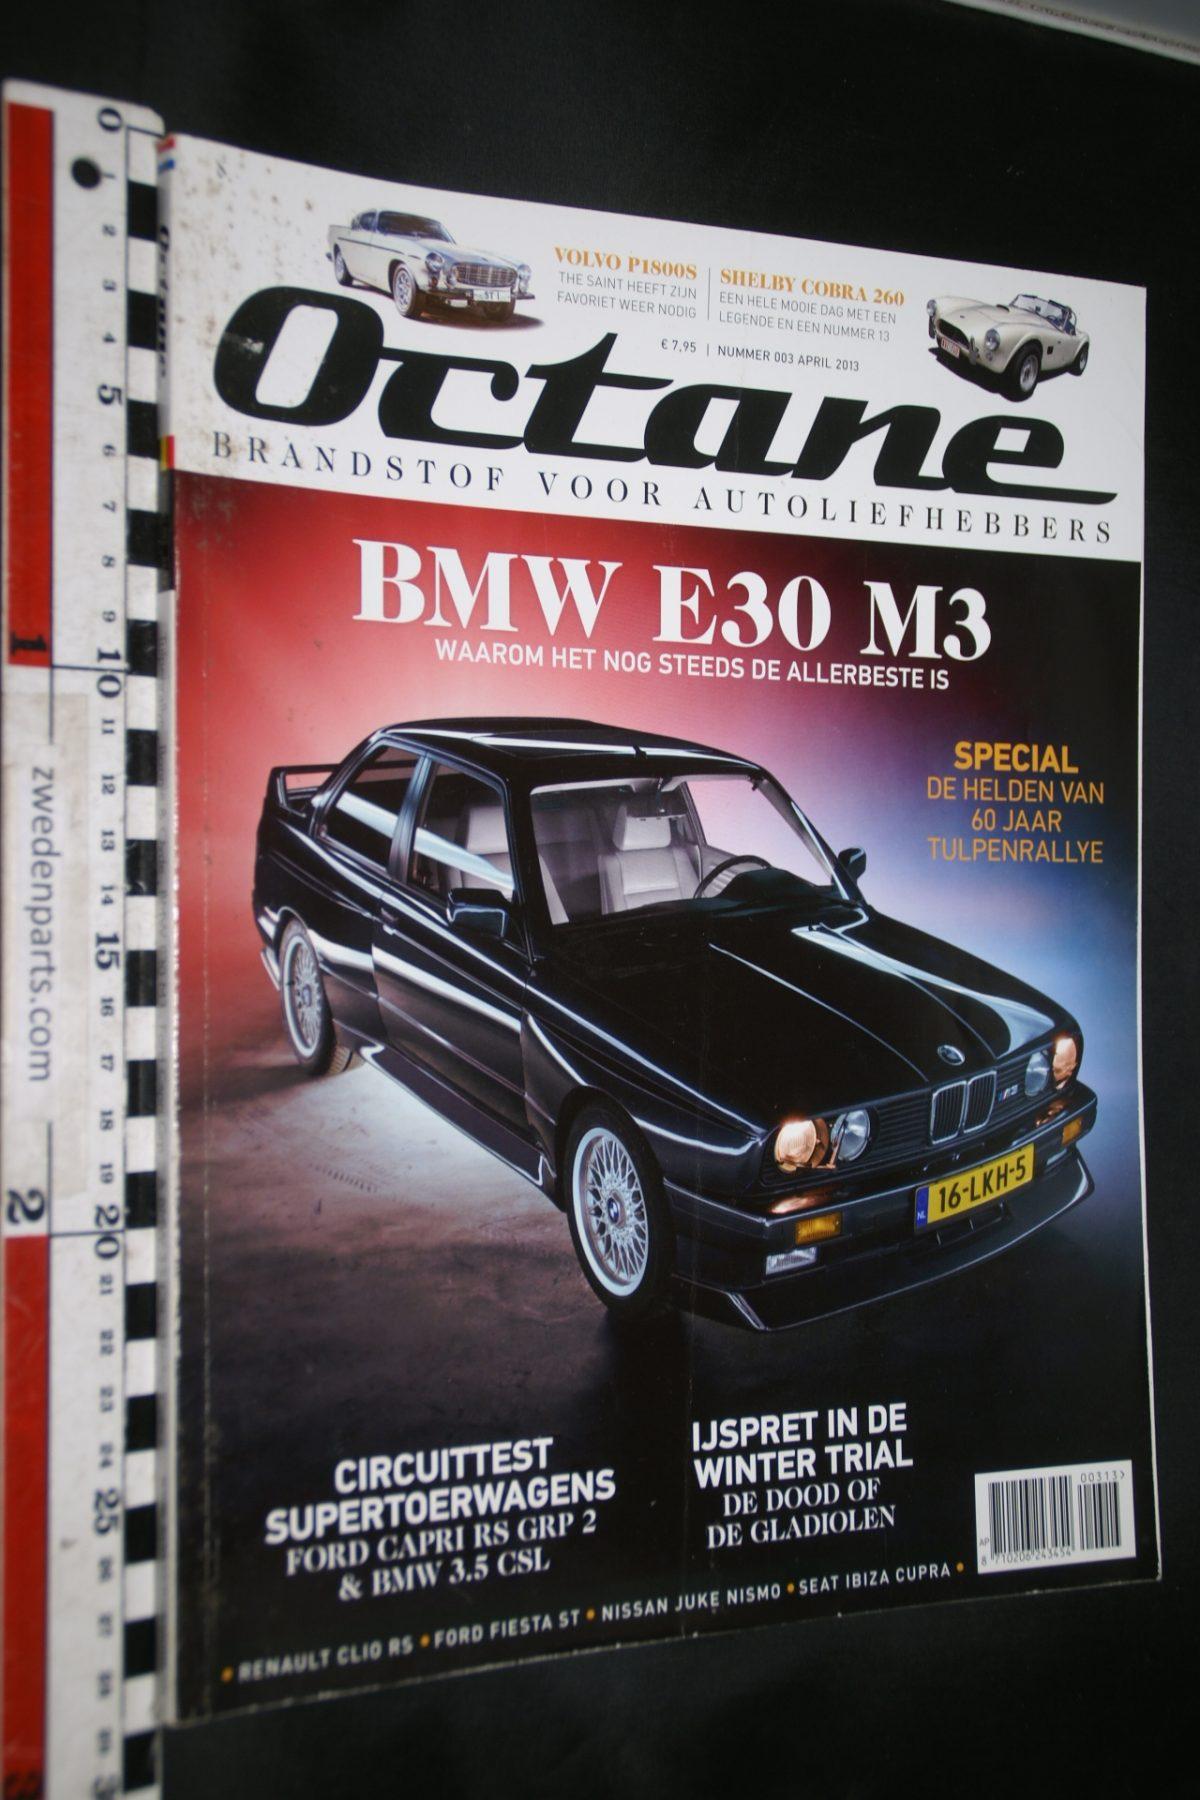 DSC02456 2013 aprl Octane tijdschrift met Volvo P1800